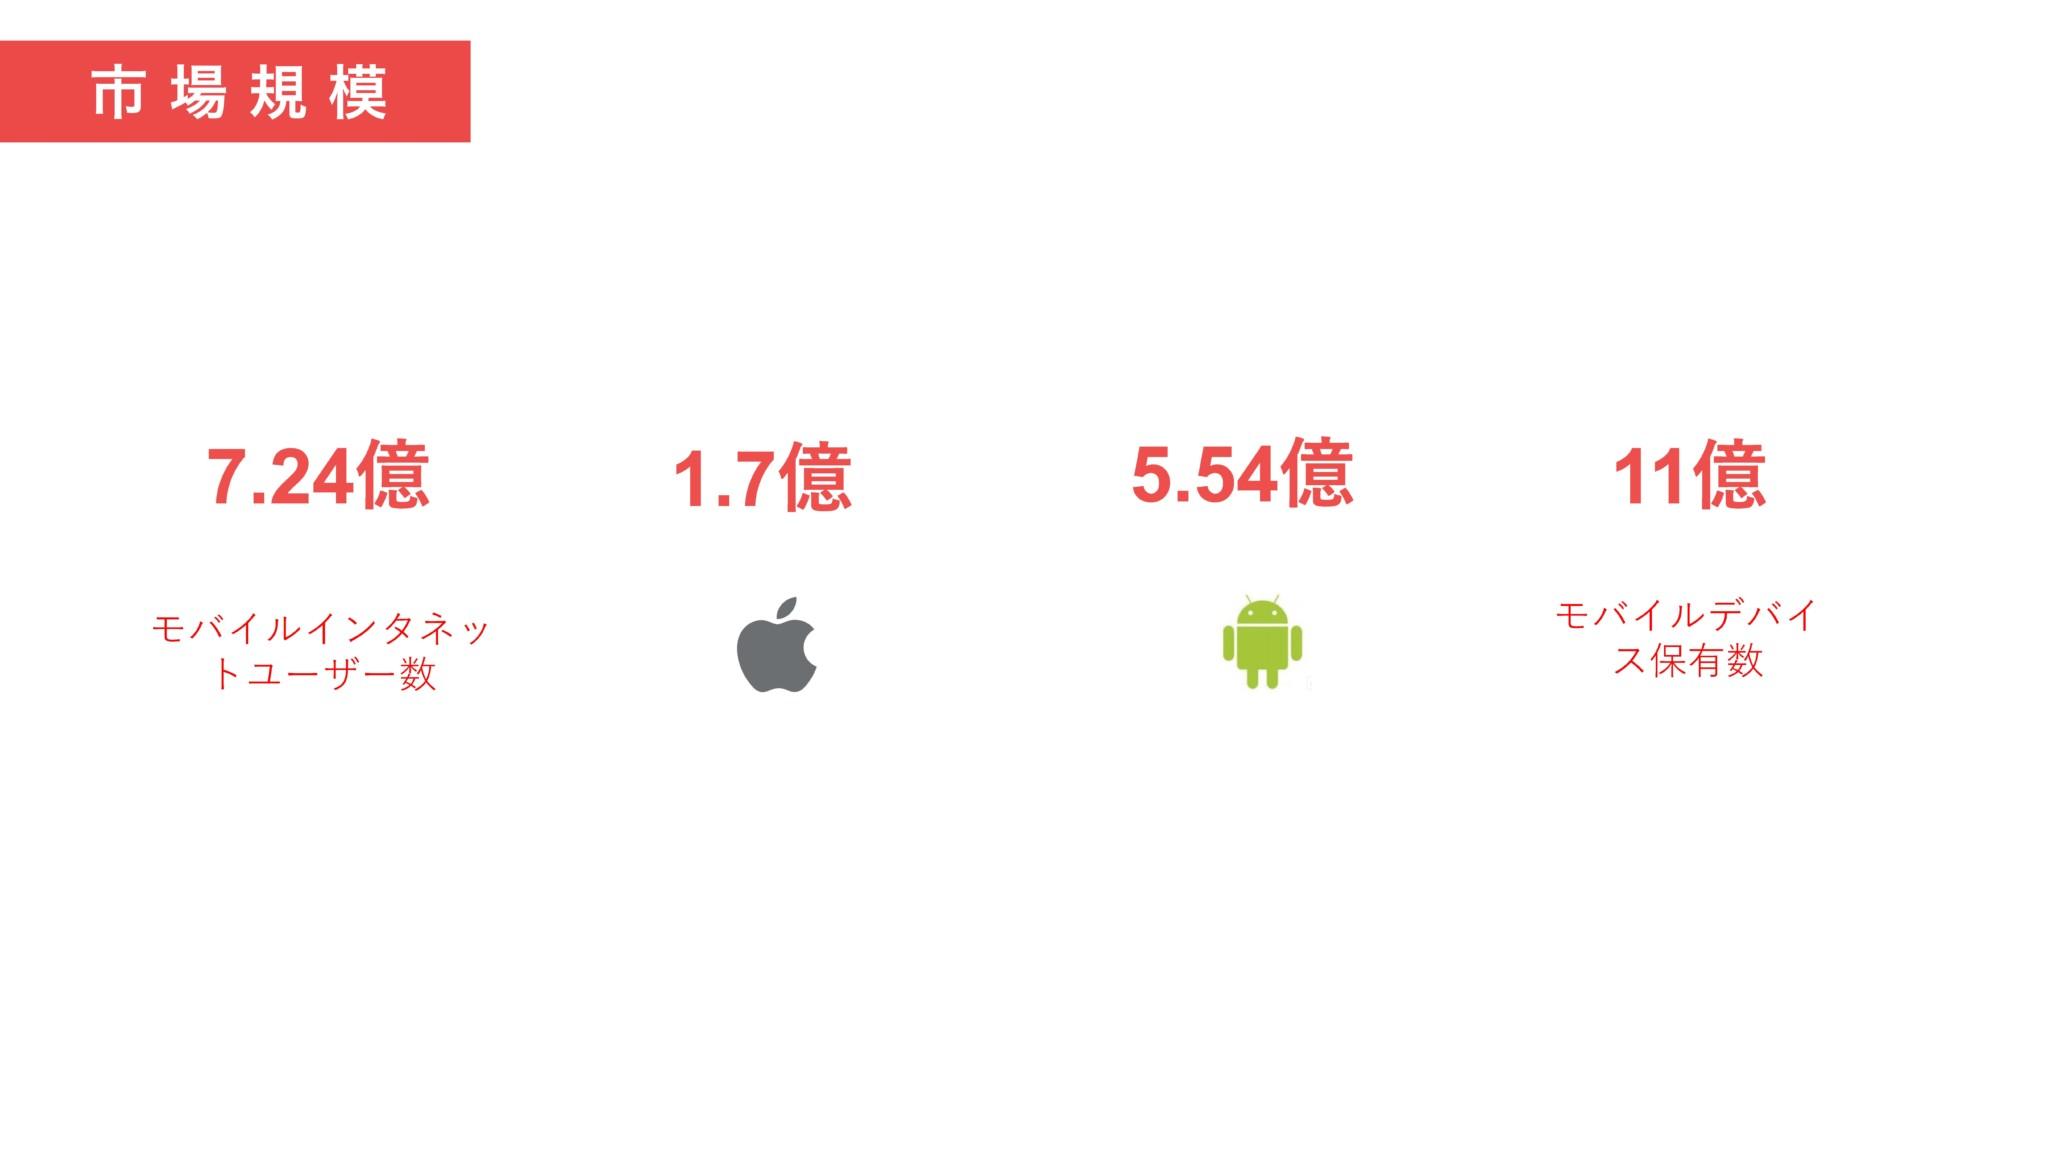 中国でアプリゲームをリリースするには?2018年12月22日現在のざっくりとした状況